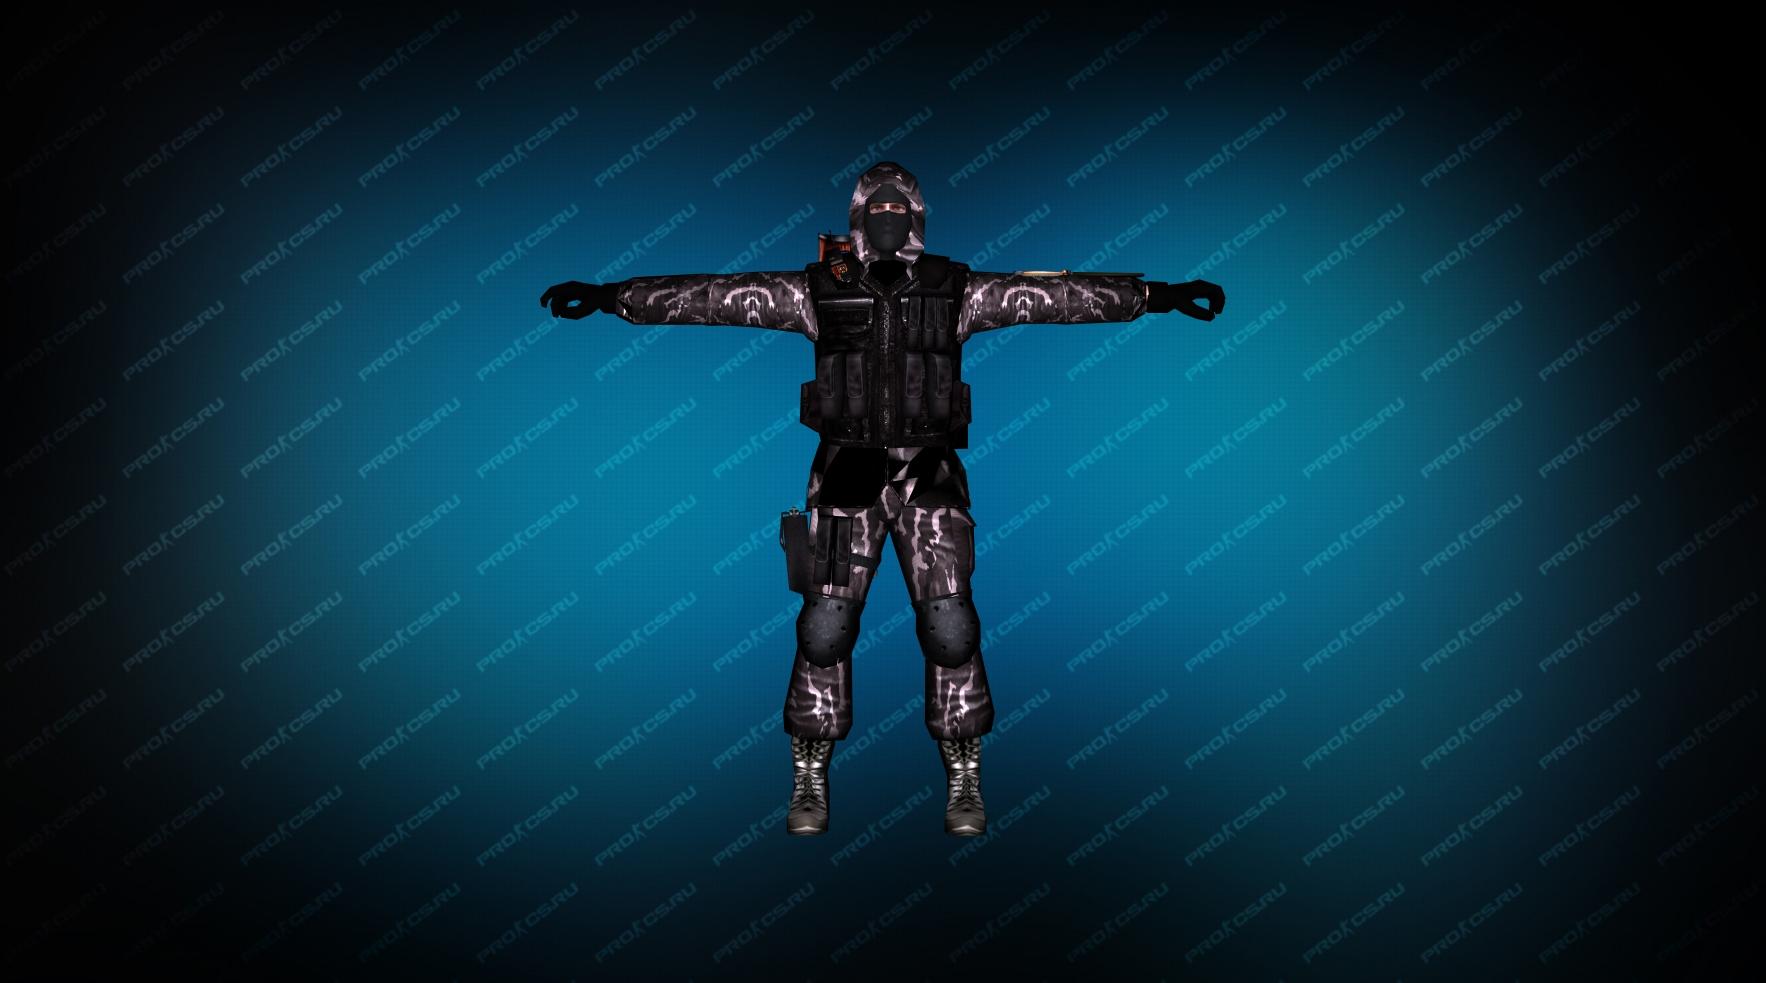 Элитный солдат вид спереди